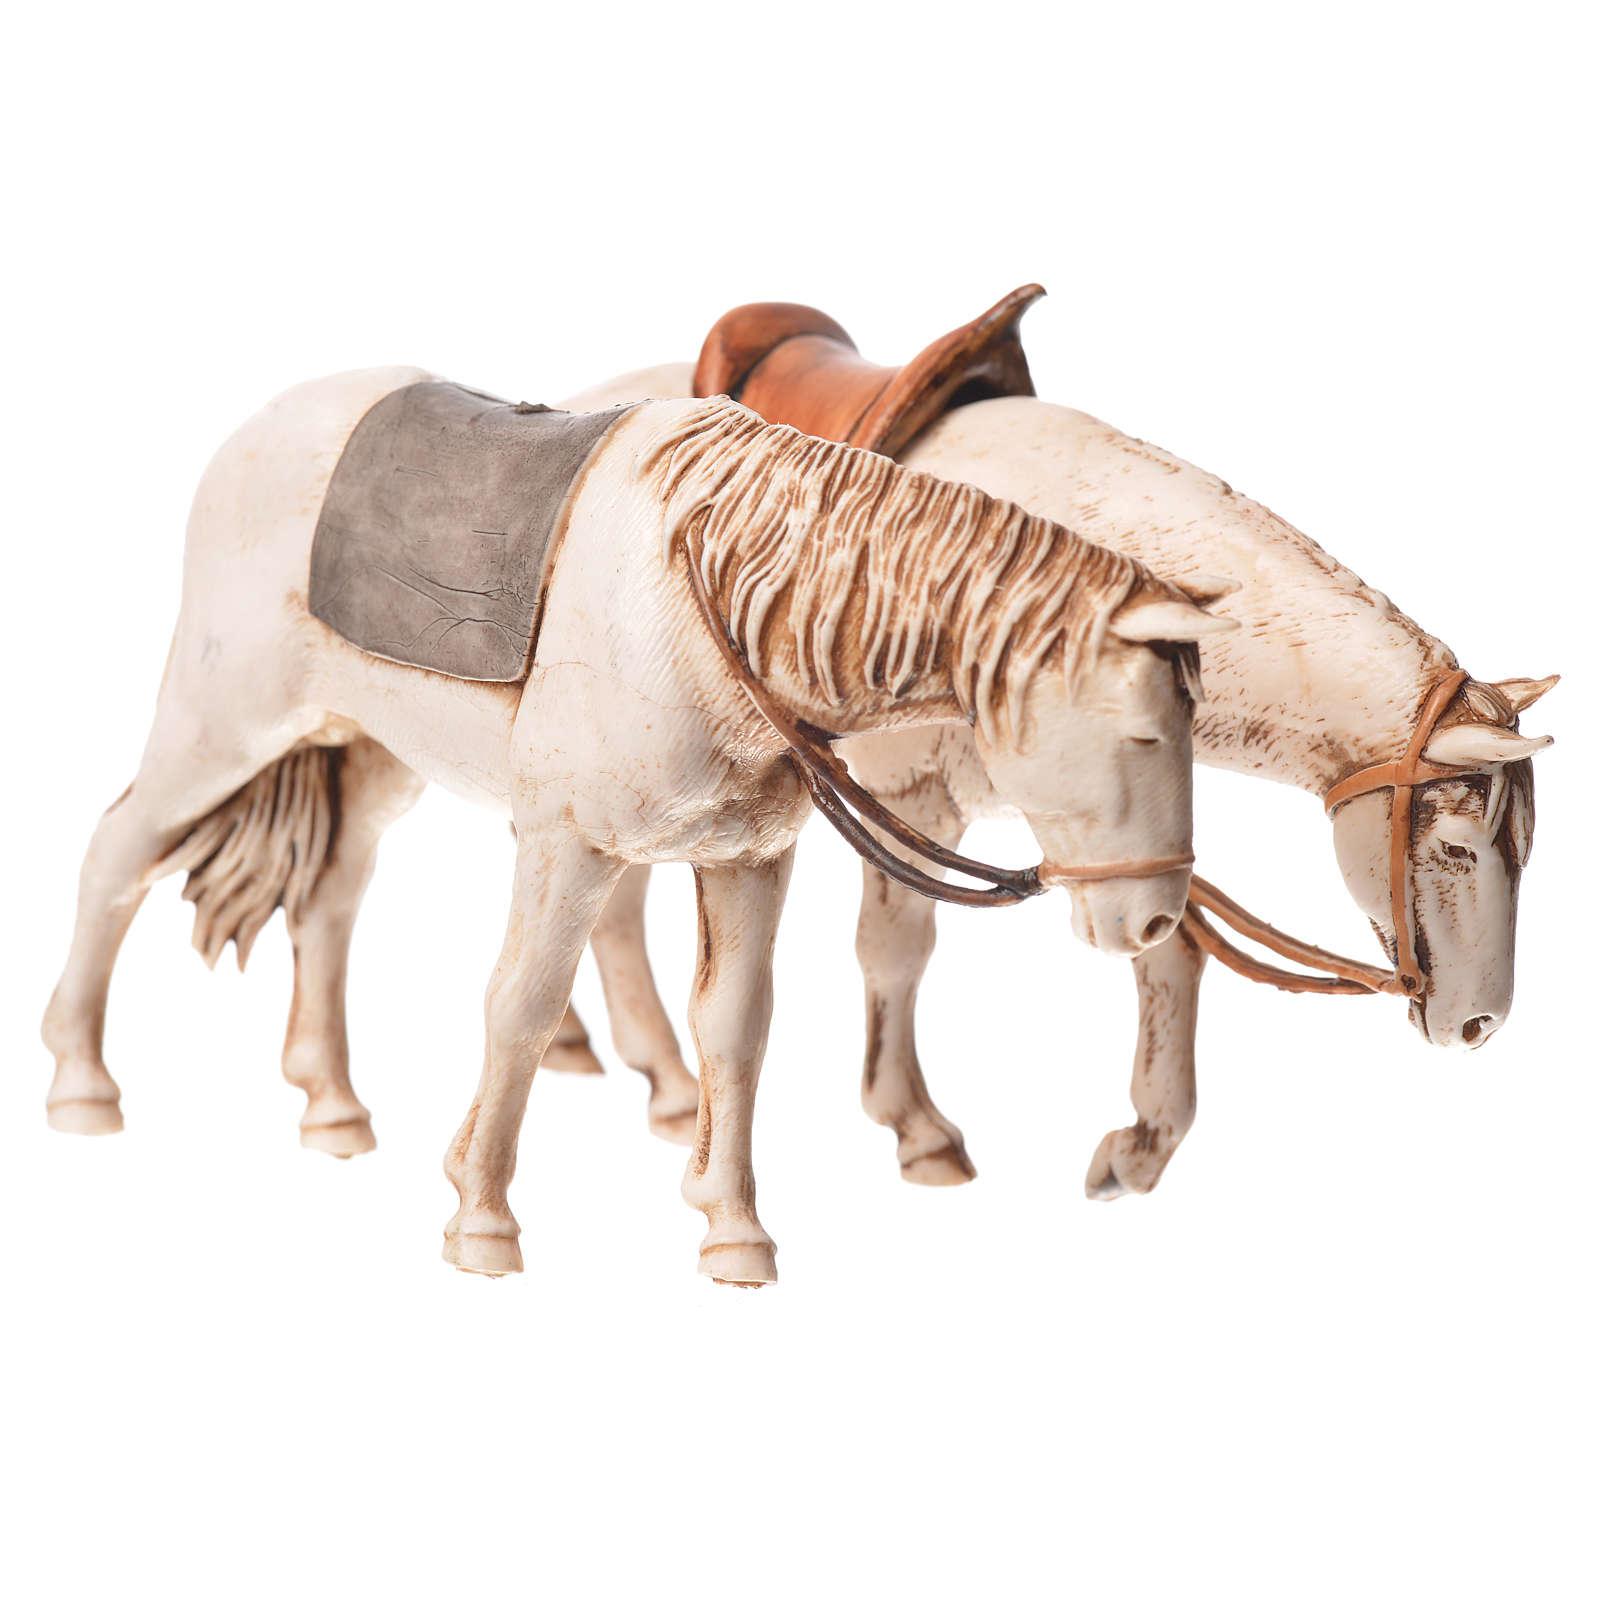 Konie 2 szt. różne Moranduzzo 10 cm 4